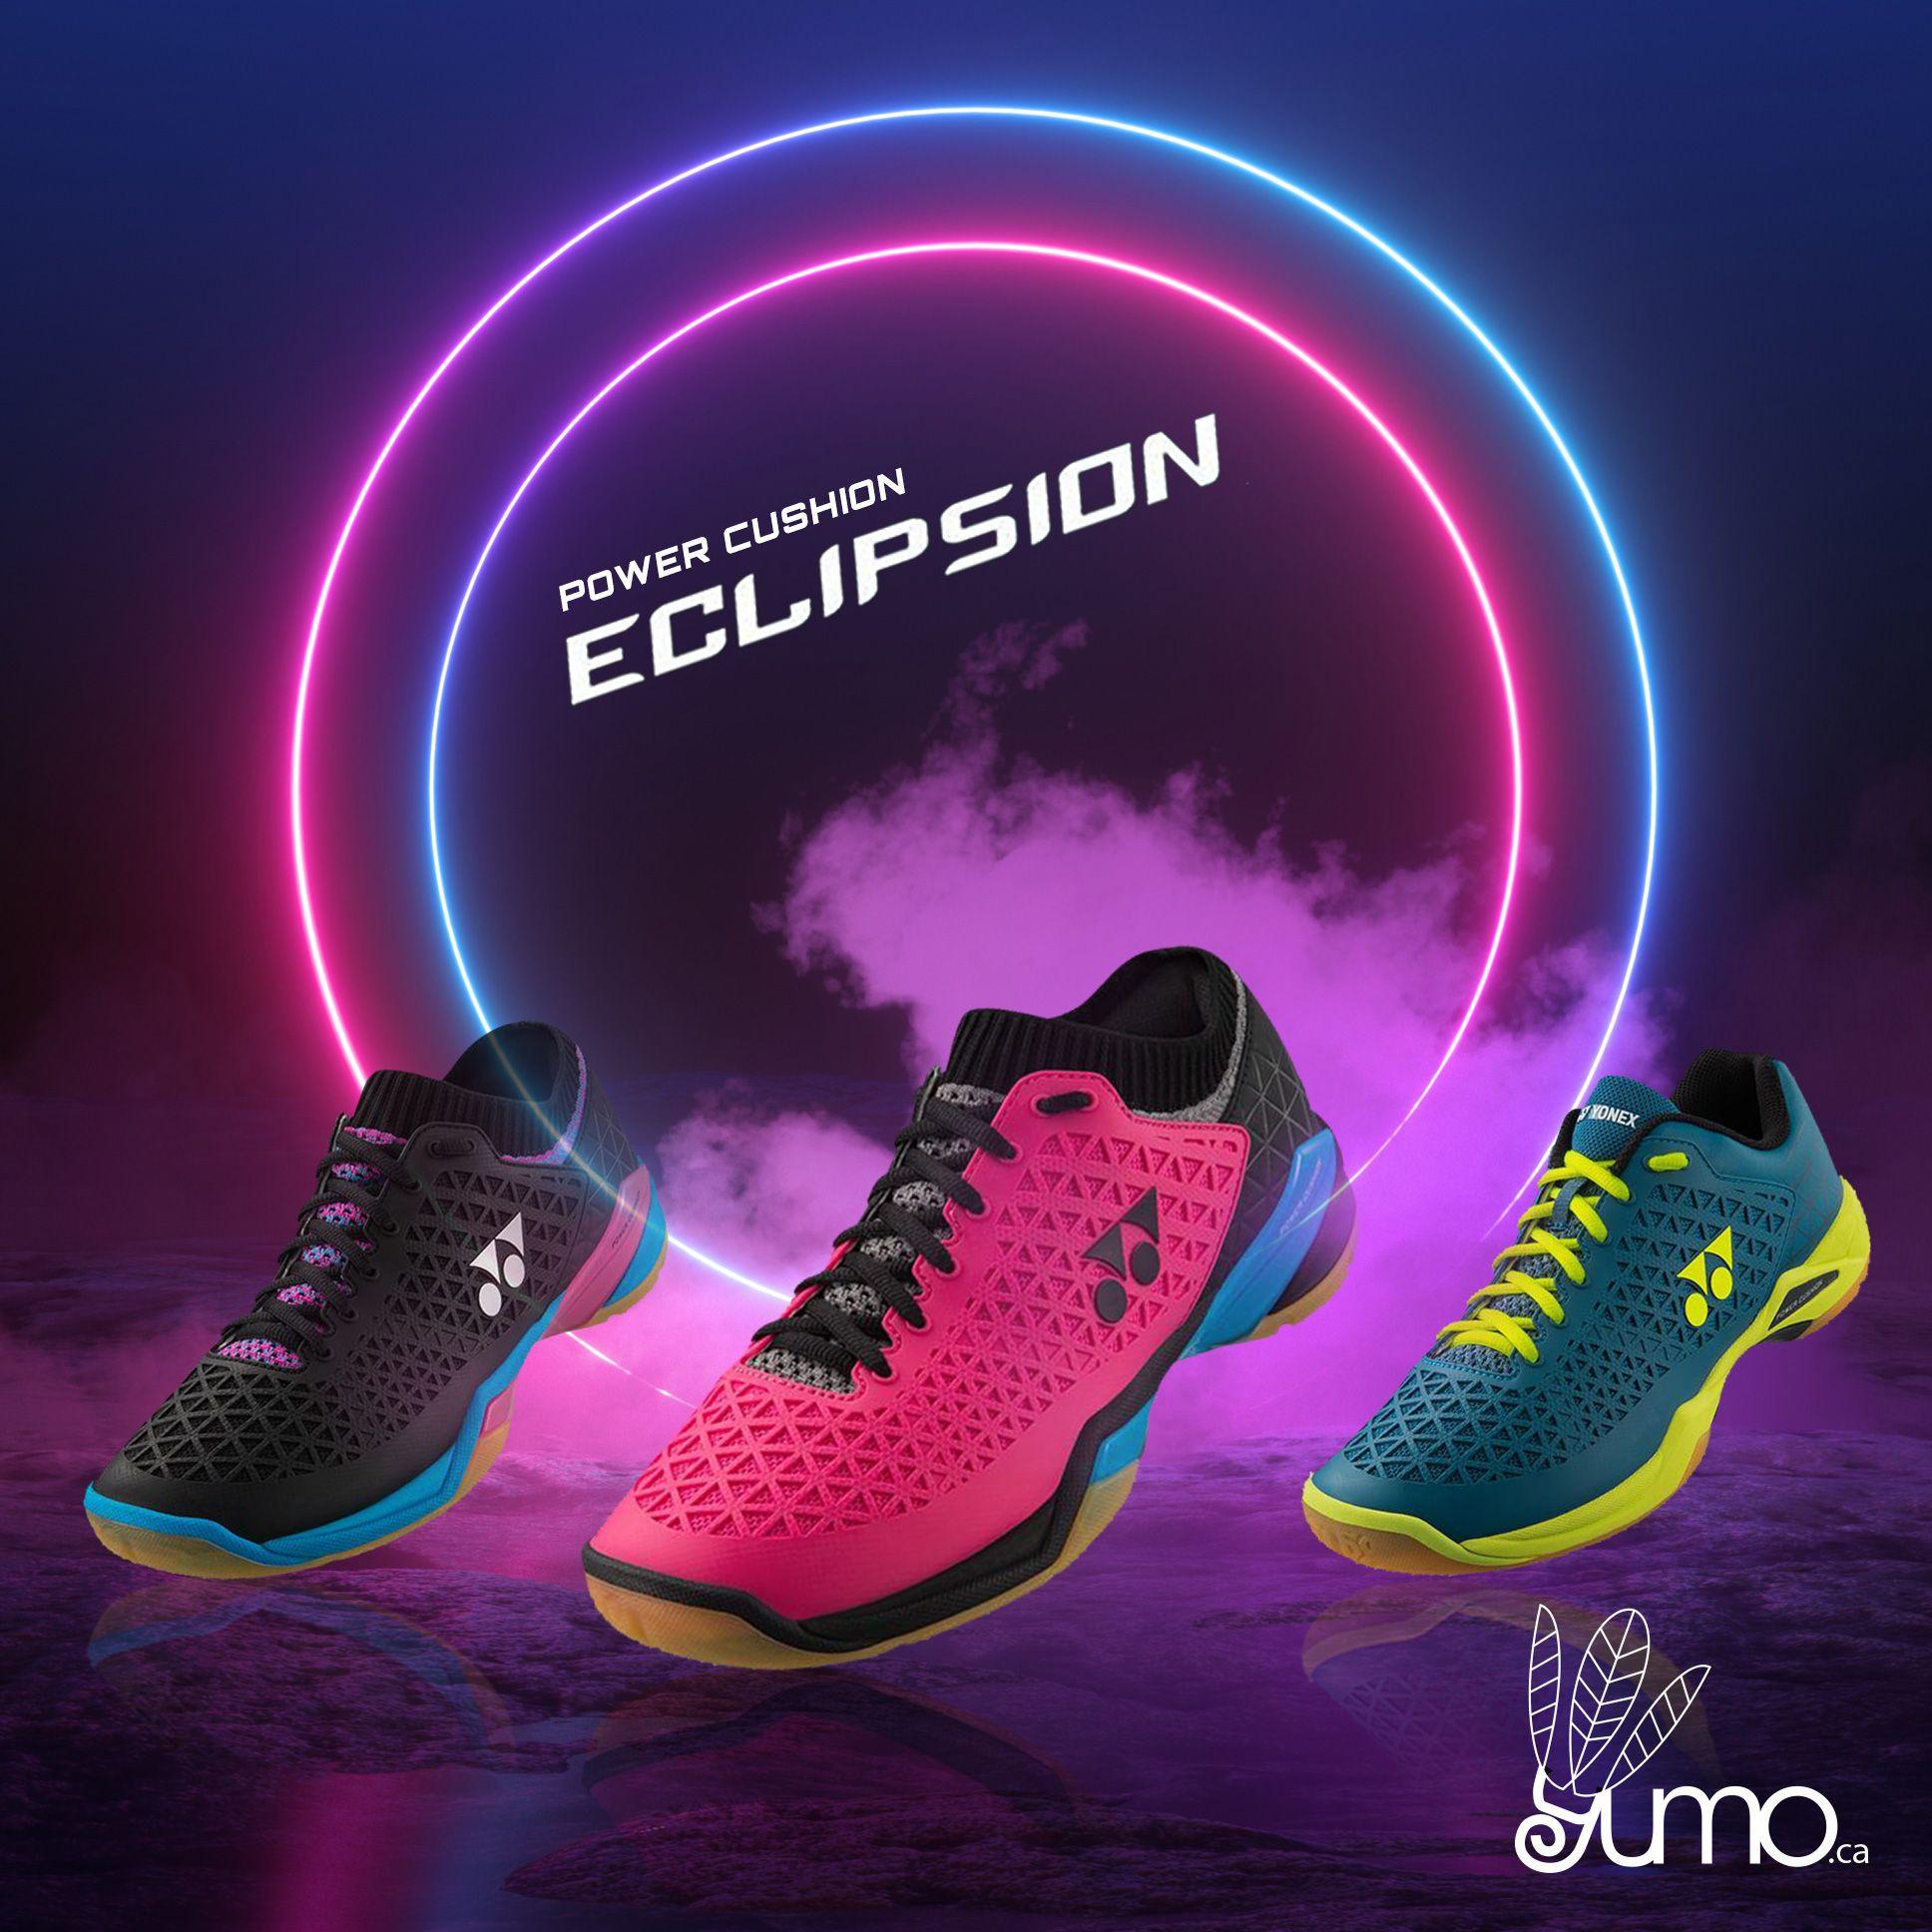 Yonex 2019 Eclipsion Power Cushion Shoe